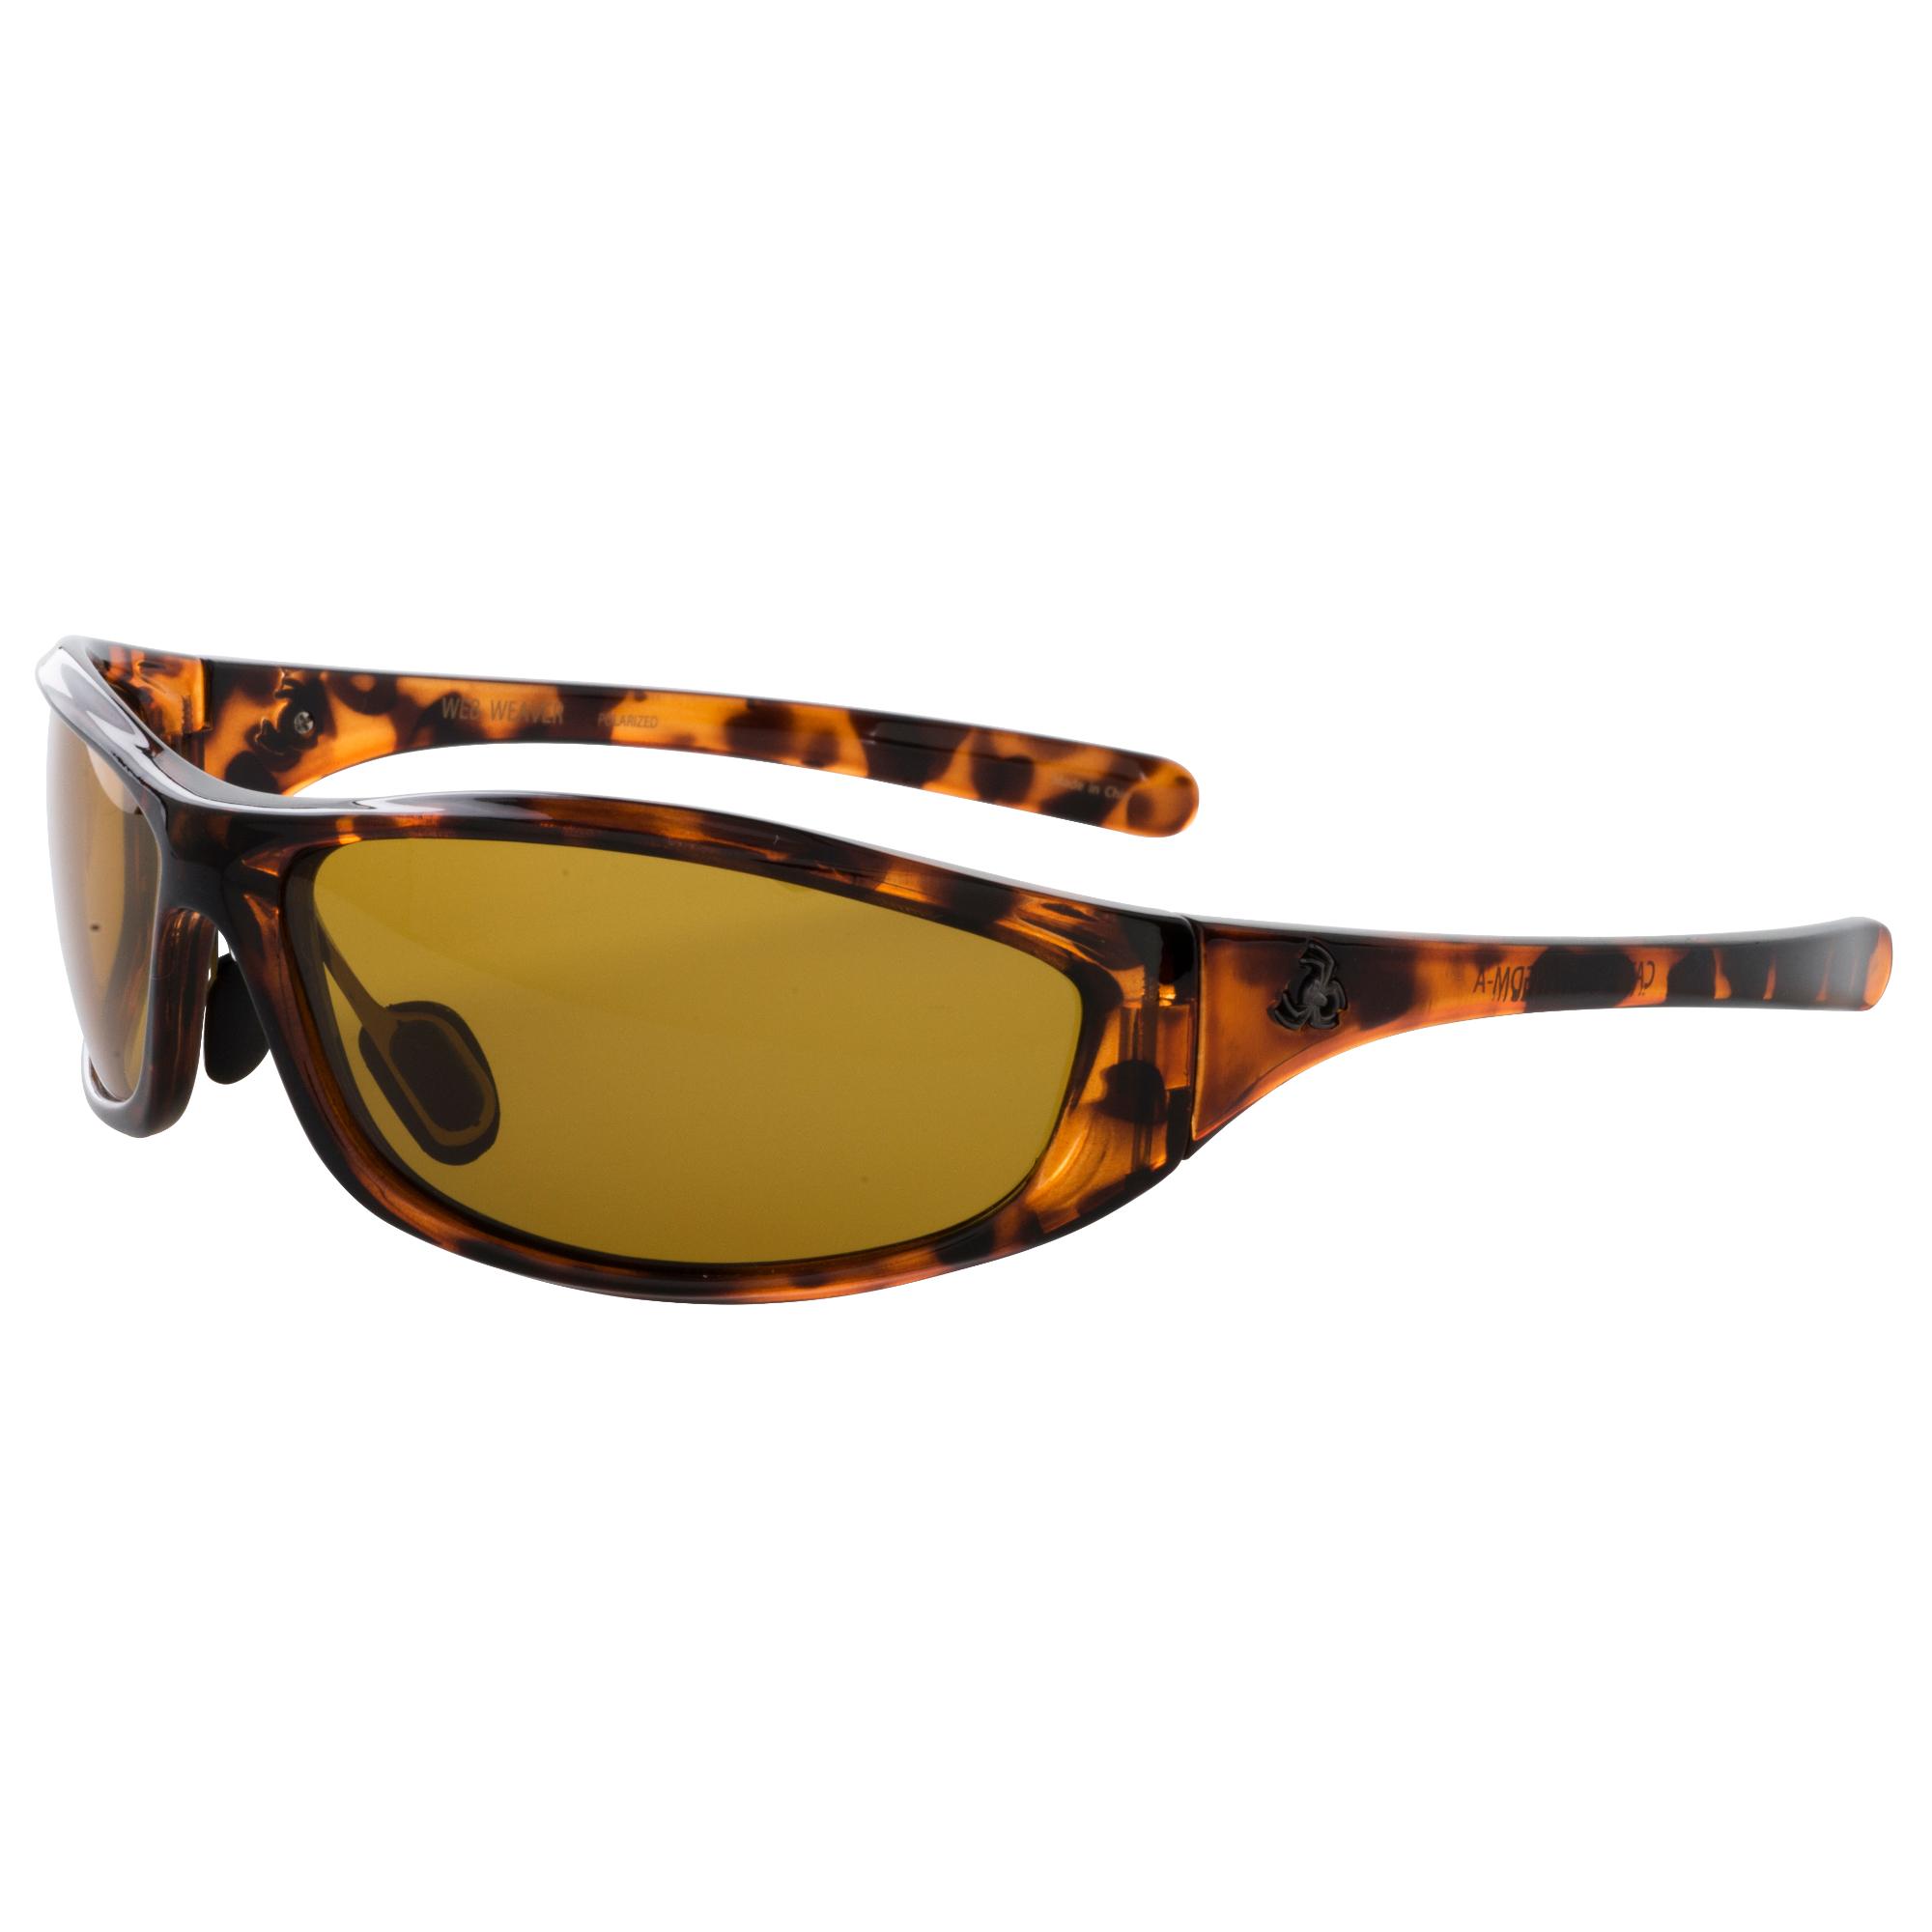 943f856095 SpiderWire Web Weaver Sunglasses